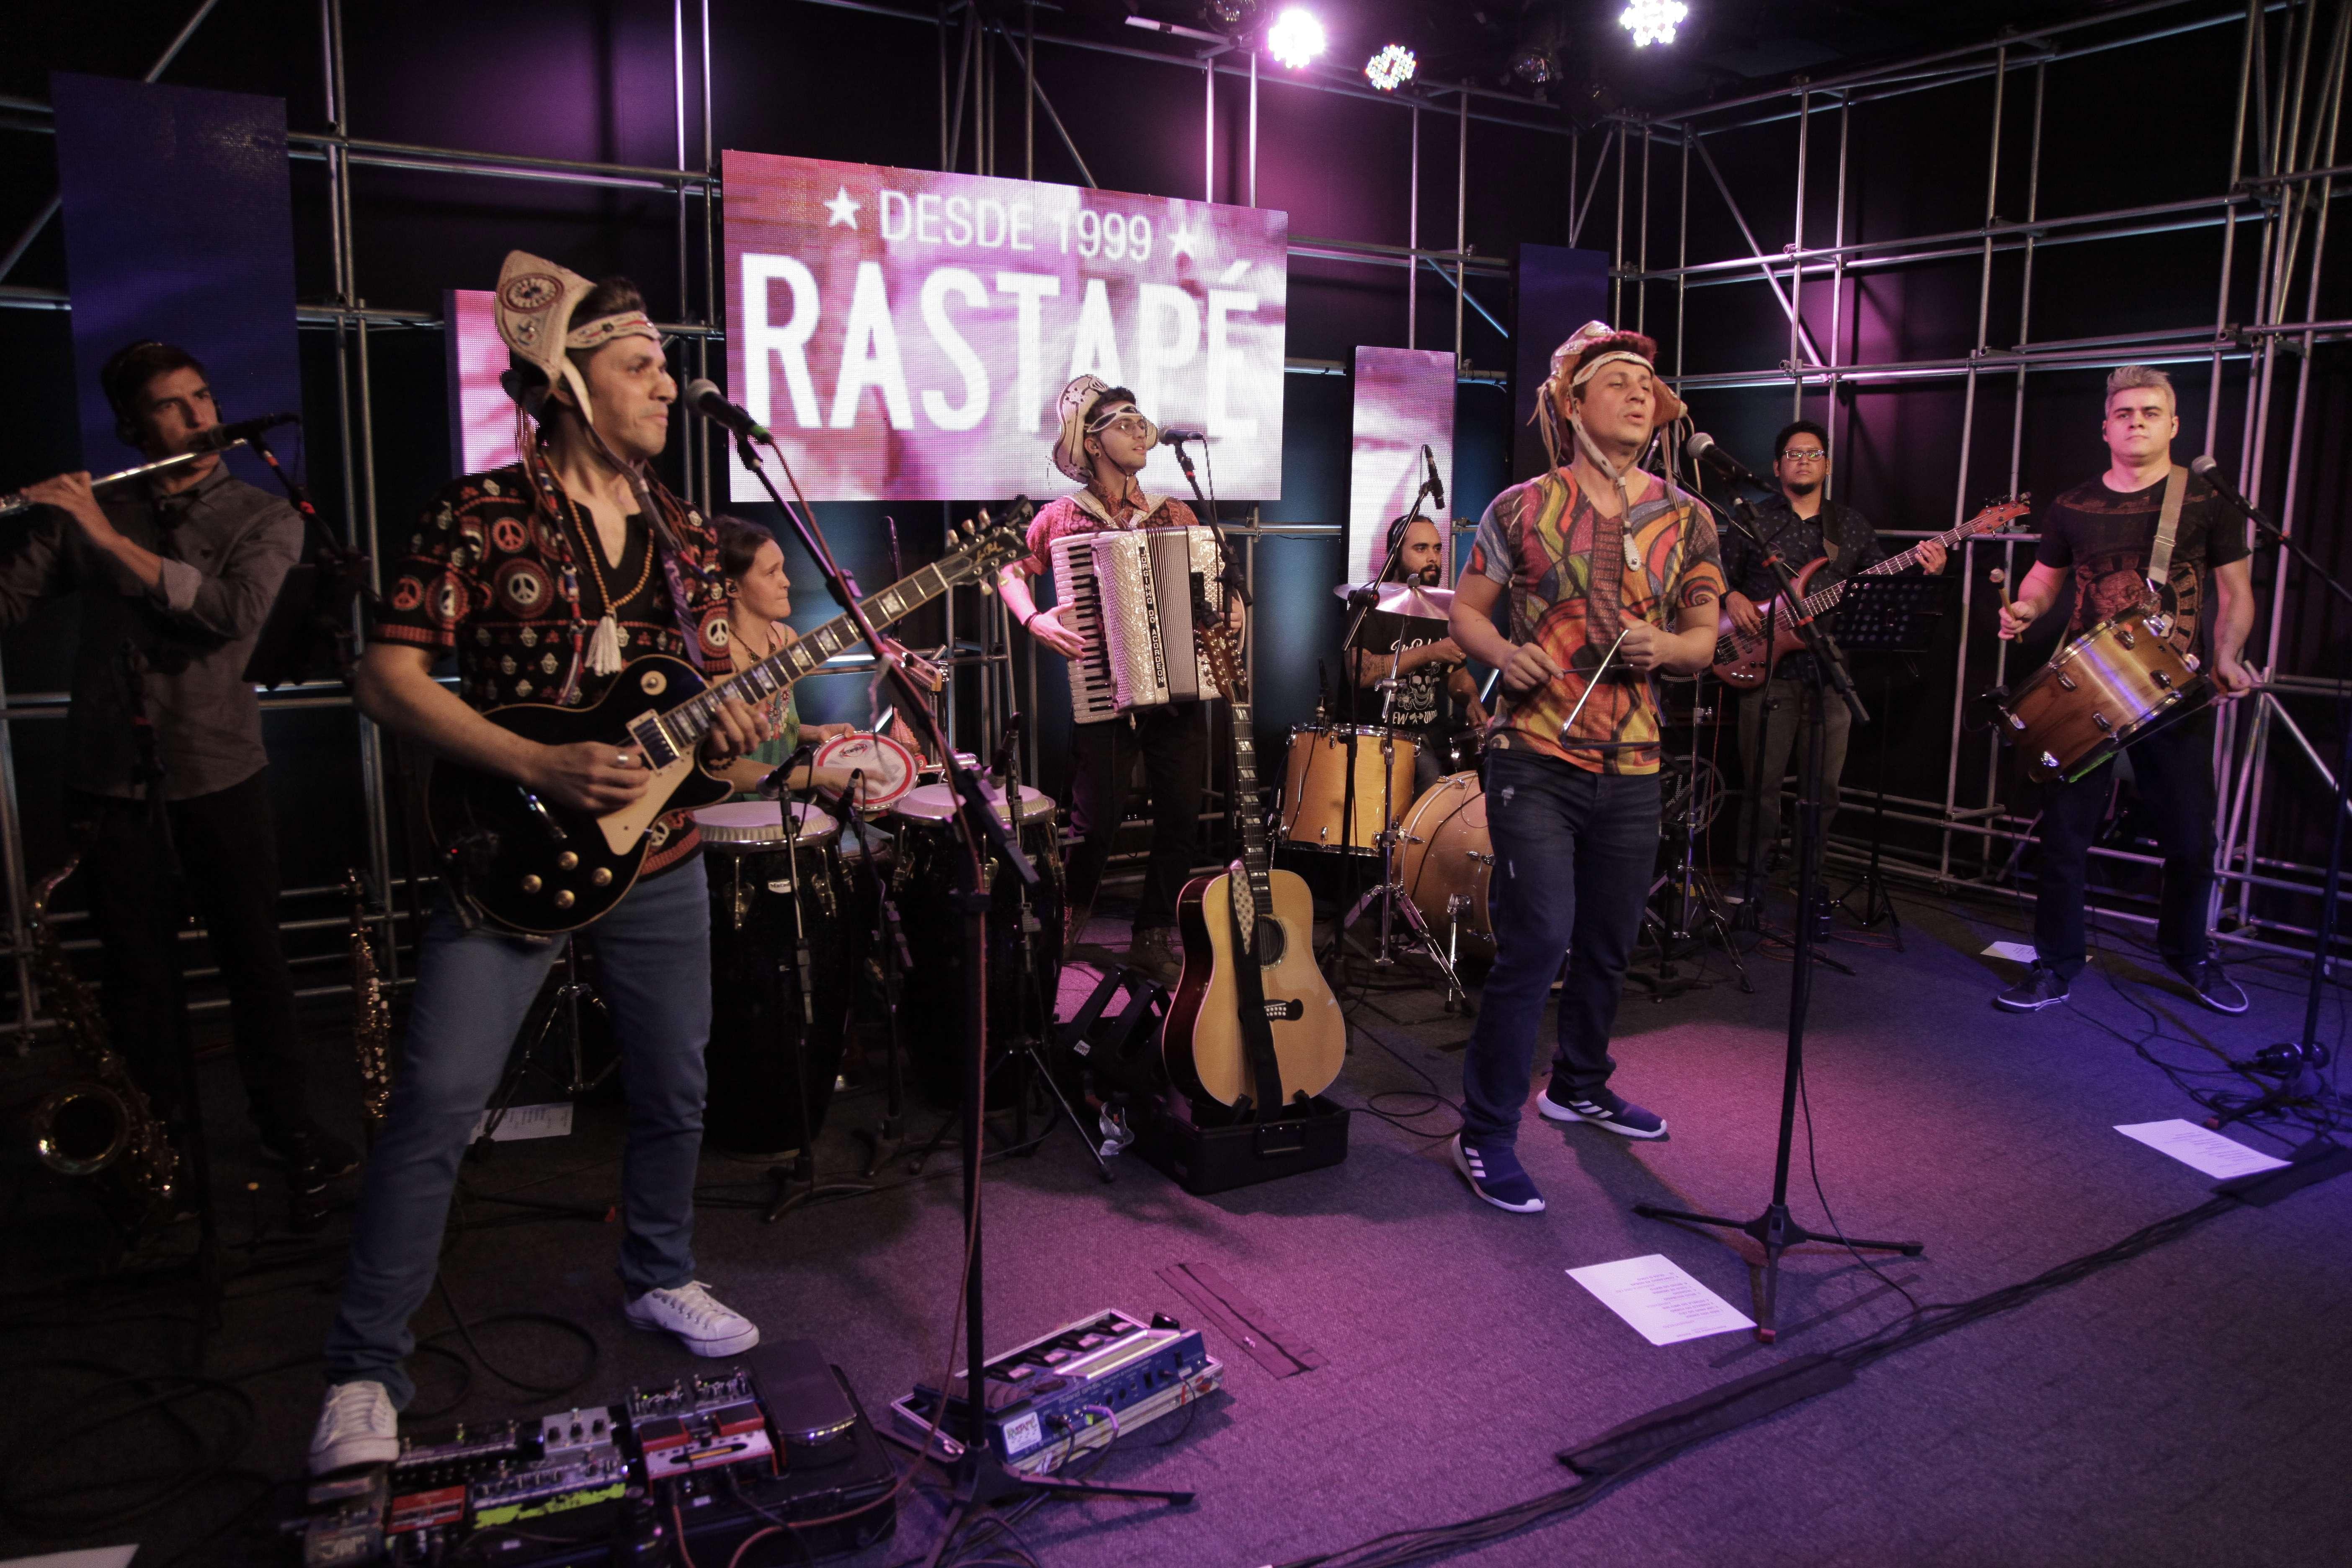 Lançamento Rastapé no Estudio Showlivre